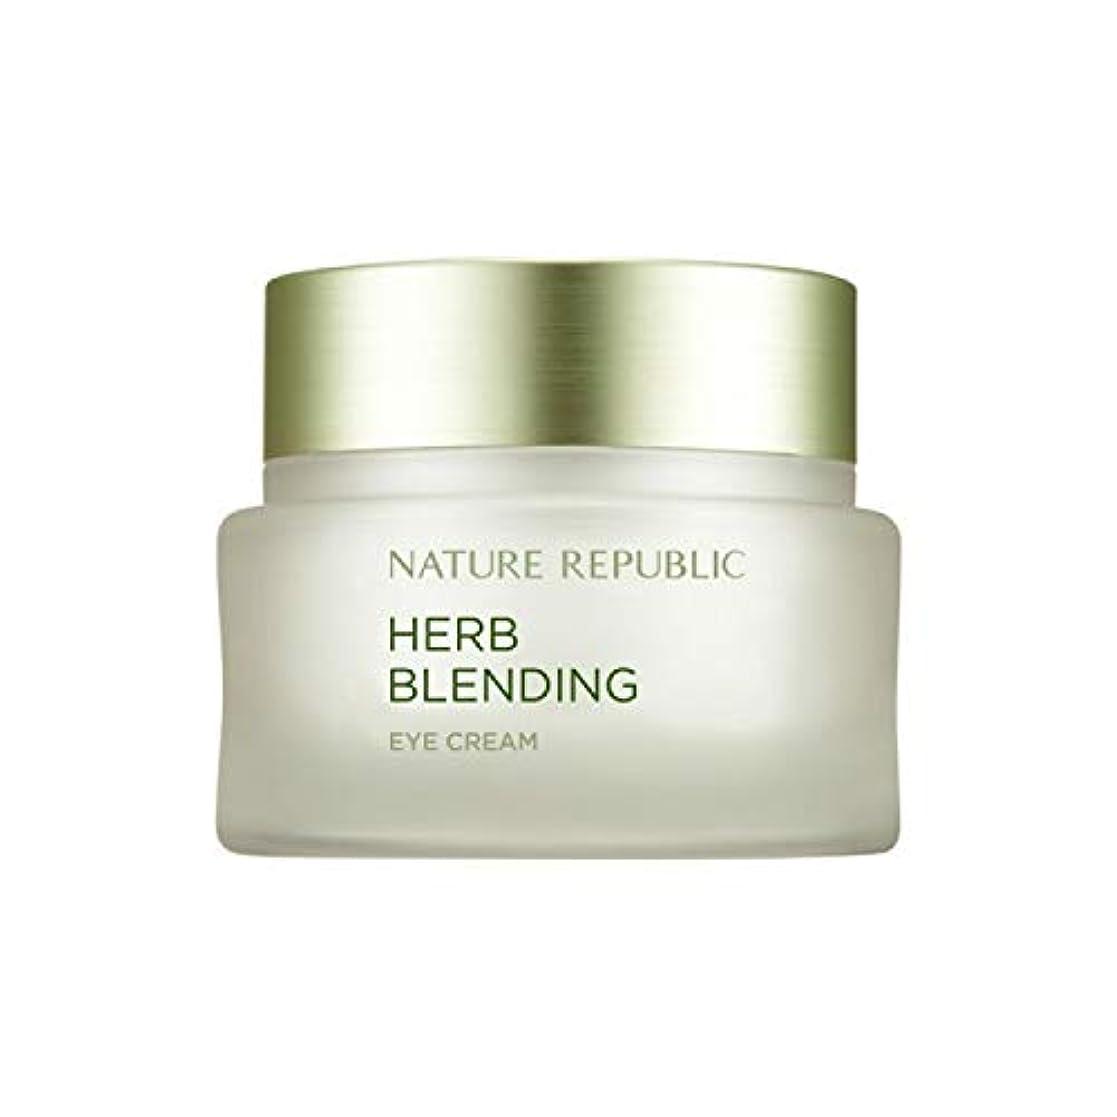 商標急ぐ哺乳類ネイチャーリパブリック(Nature Republic)ハブブレンドアイクリーム 25ml / Herb Blending Eye Cream 25ml :: 韓国コスメ [並行輸入品]